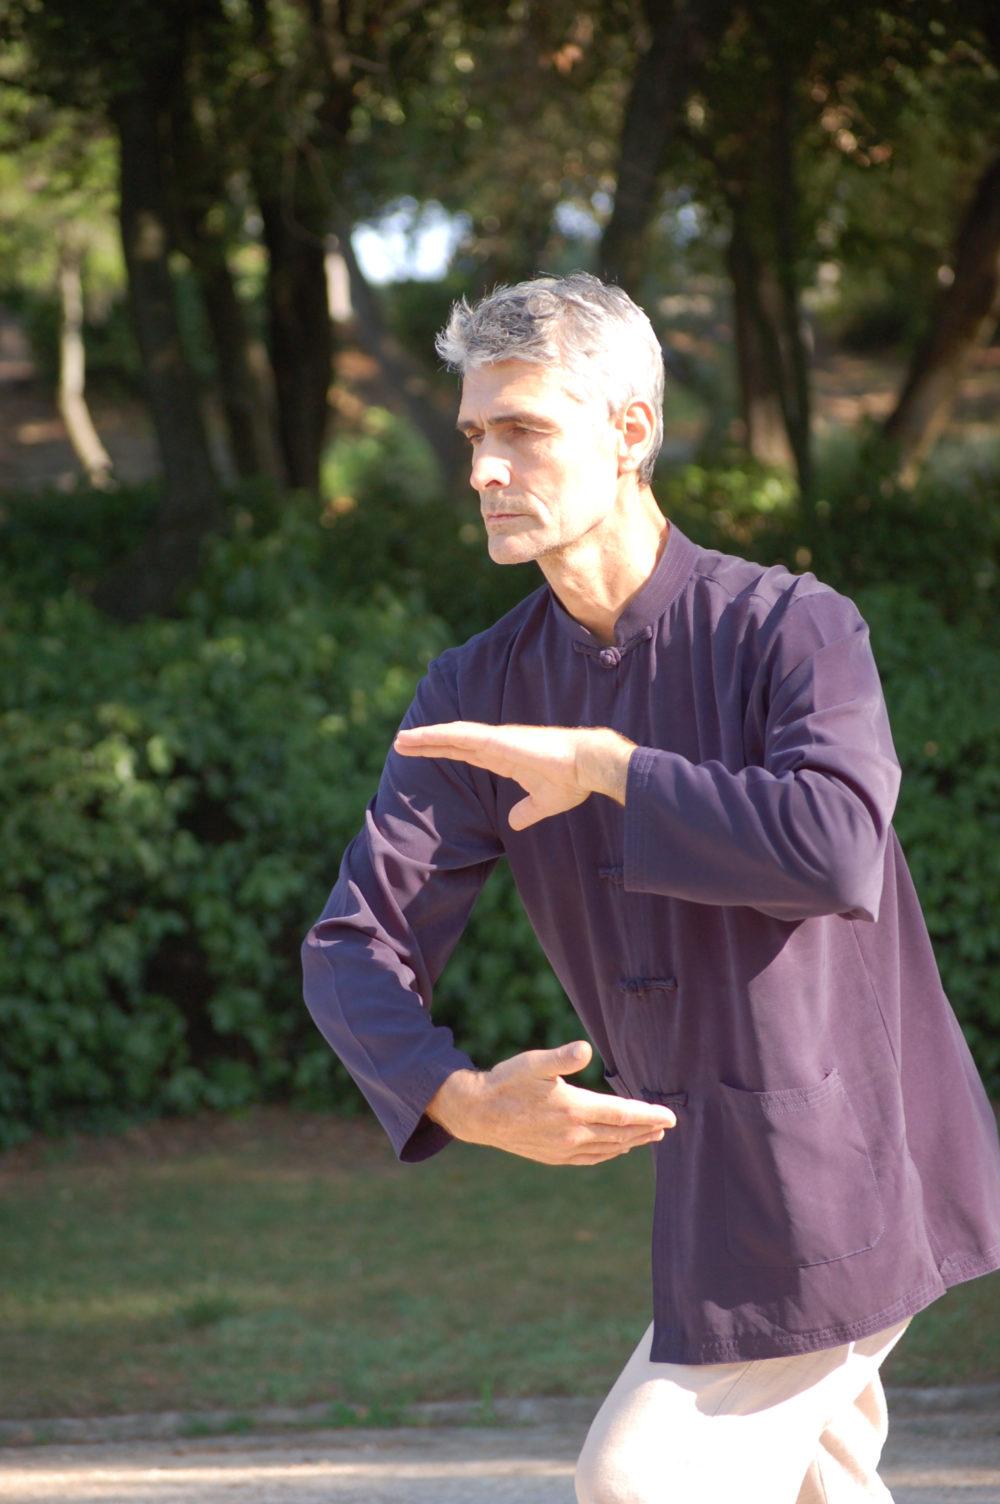 cours et stages -qigong taichi chuan - jardins fontaine nimes - les saisons du Qi